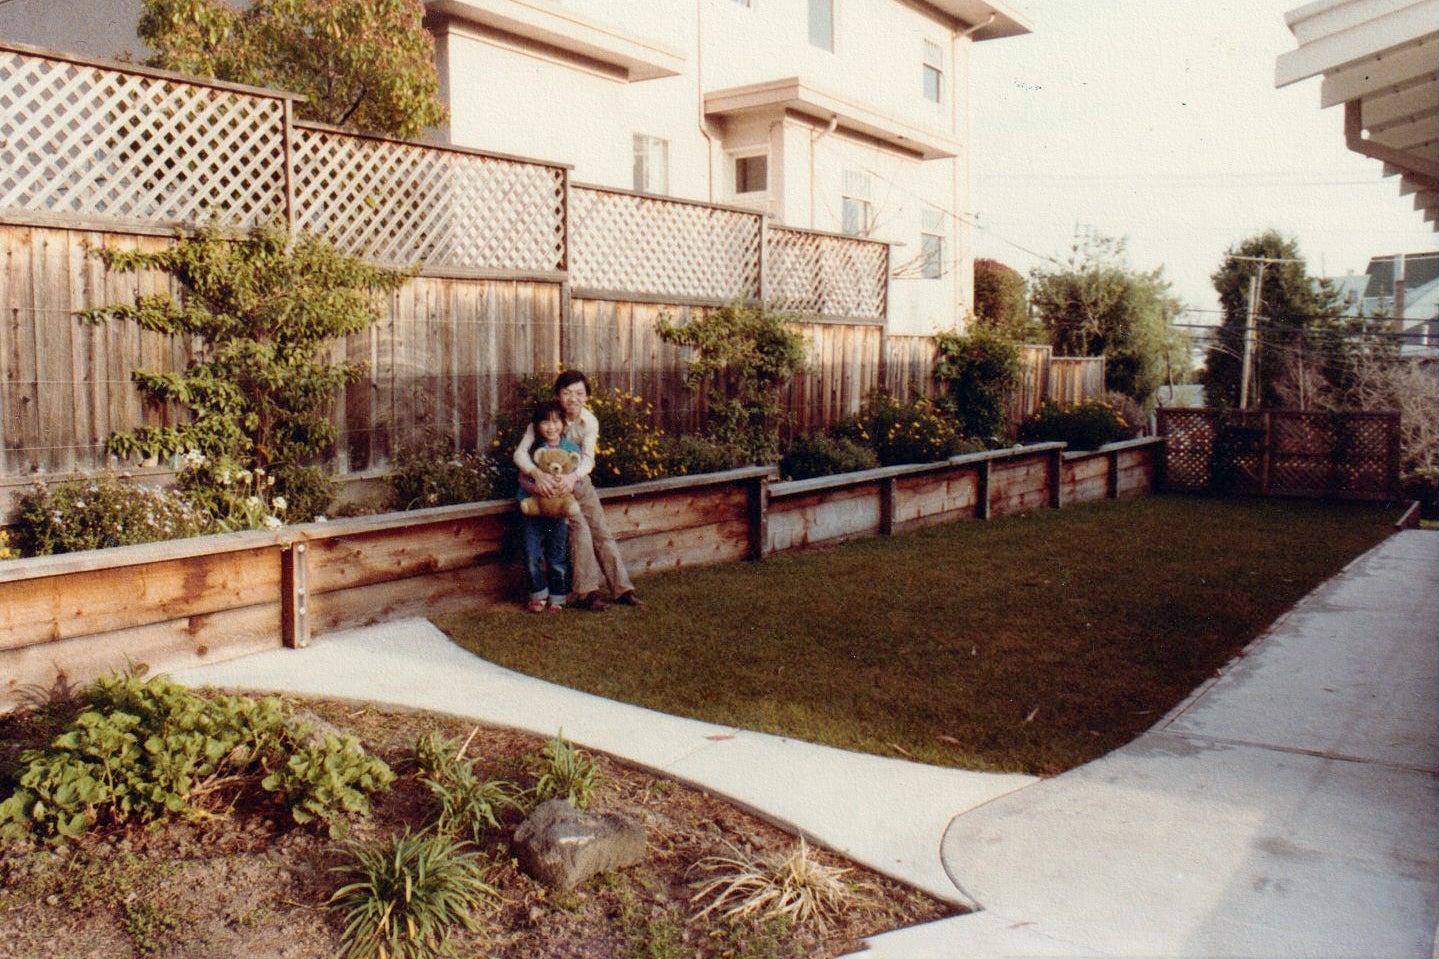 garden vintage image